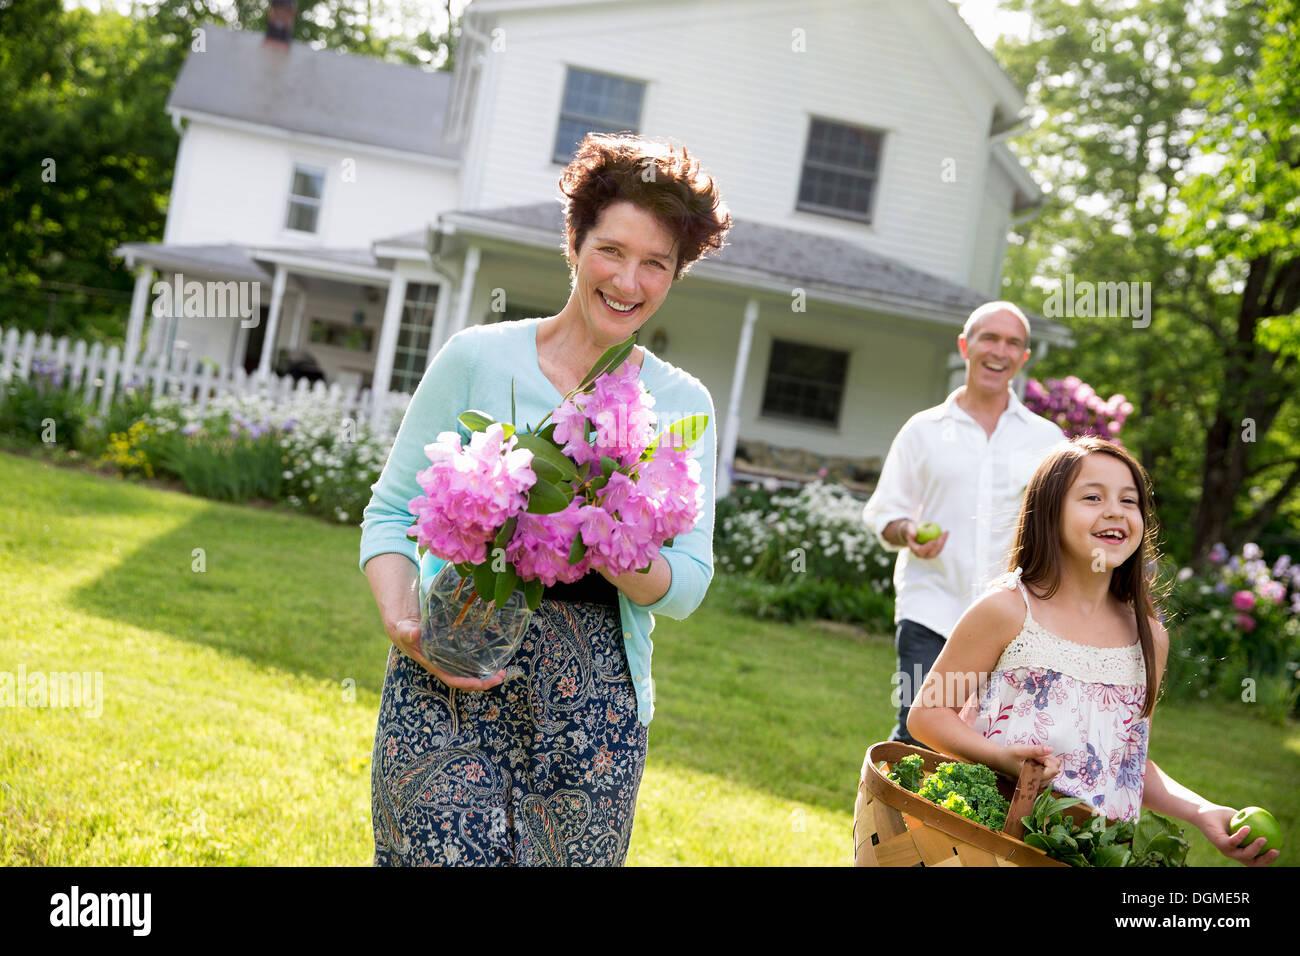 Parte de la familia. Padres y niños caminando llevando flores, recogido frescas frutas y verduras. Preparando para una fiesta. Imagen De Stock